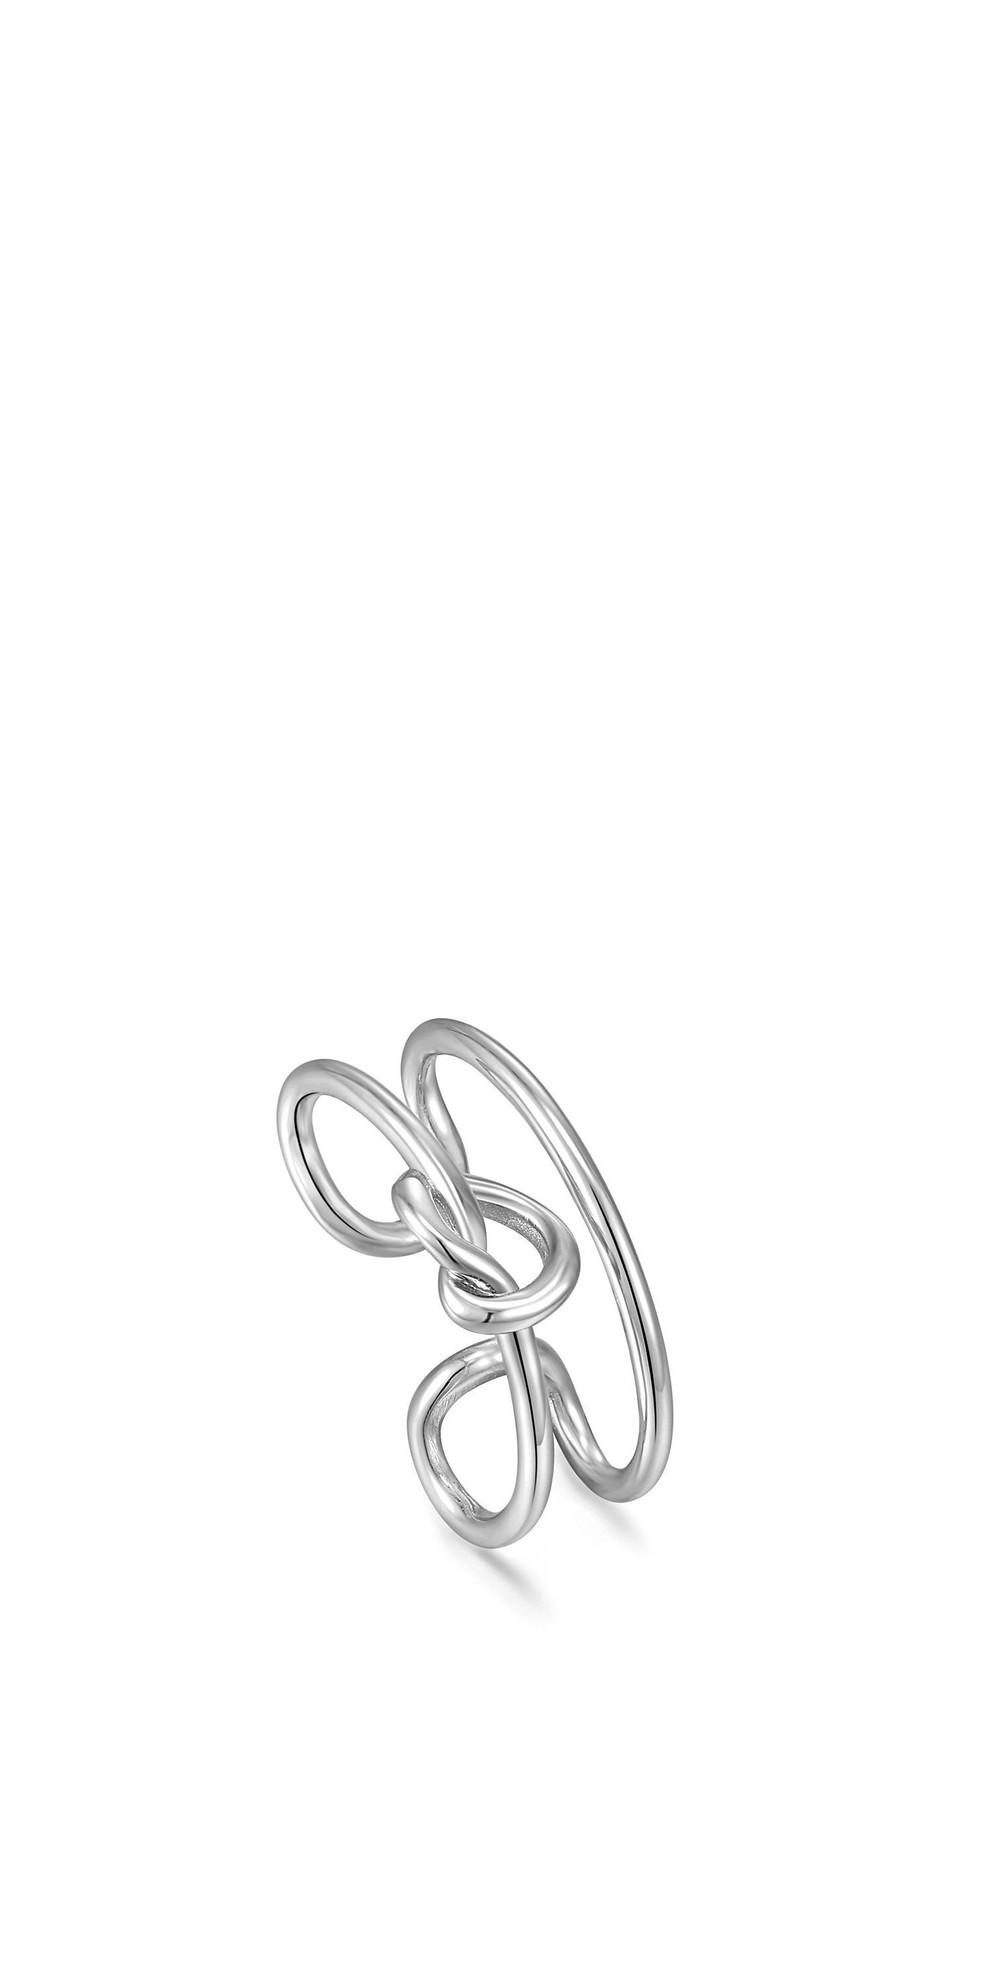 Knot Ear Cuff main image